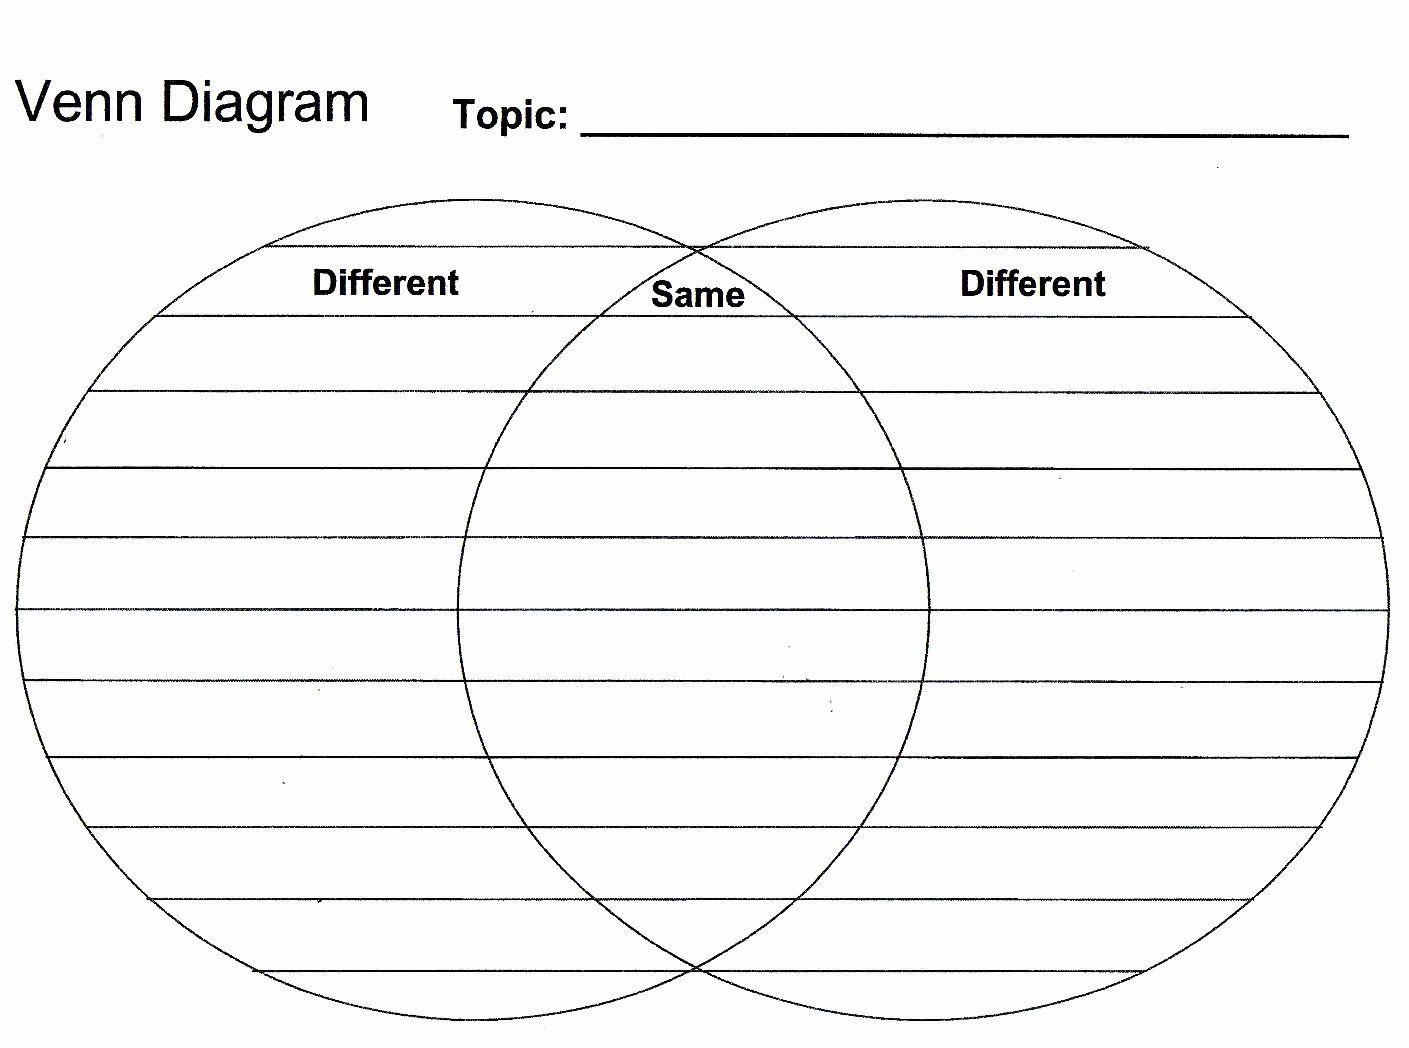 Venn Diagram Template Doc Best Of Venn Diagram Template